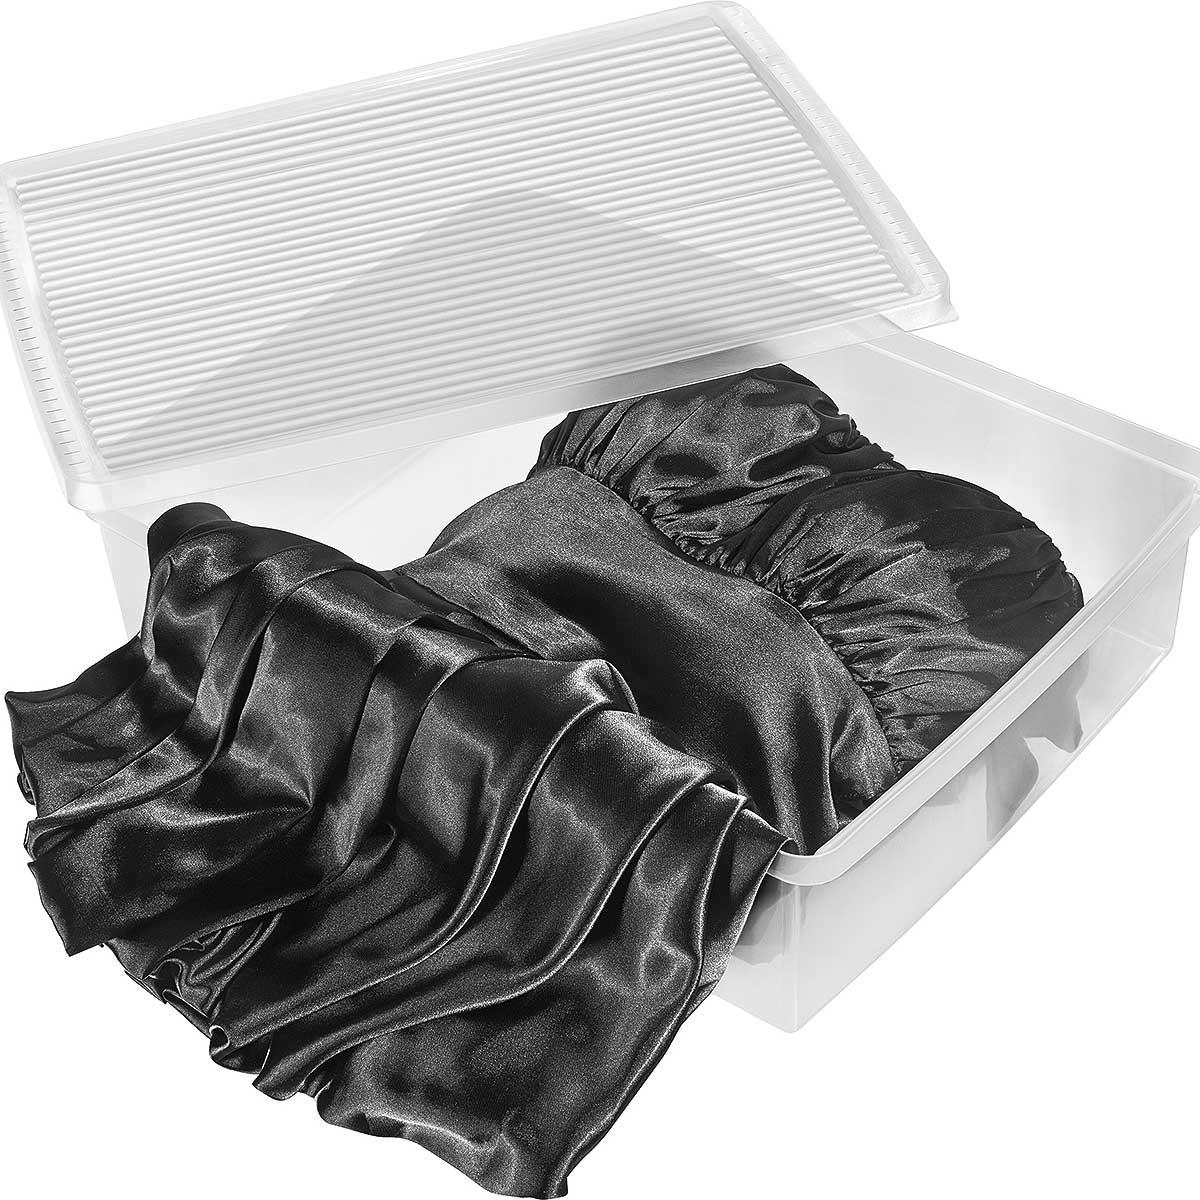 Caixa Organizadora Transparente para Botas - Kit 3 Pç